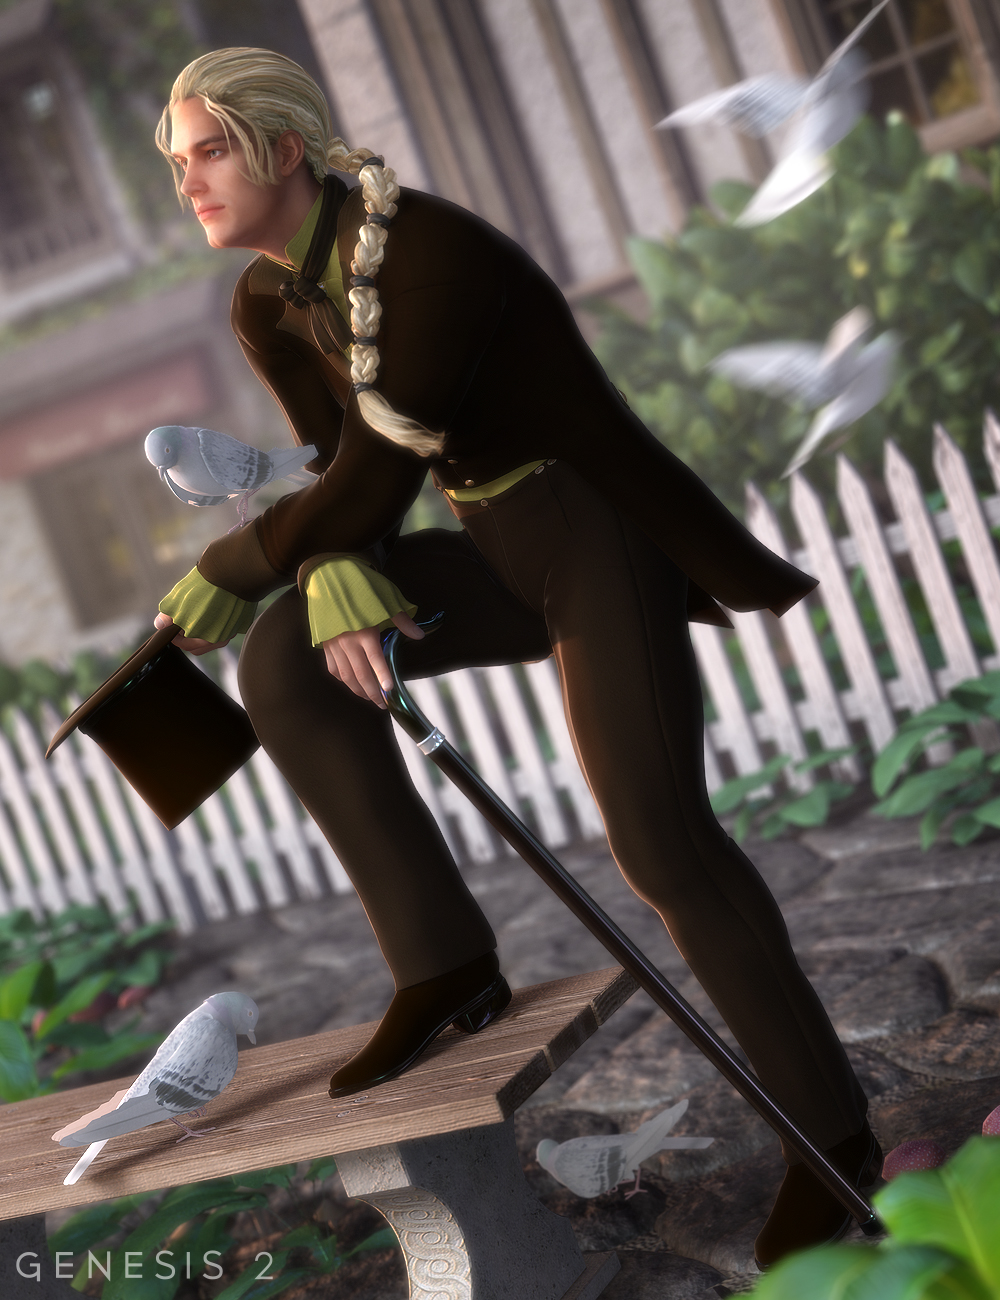 Regency for Genesis 2 Male(s) by: Ravenhair, 3D Models by Daz 3D